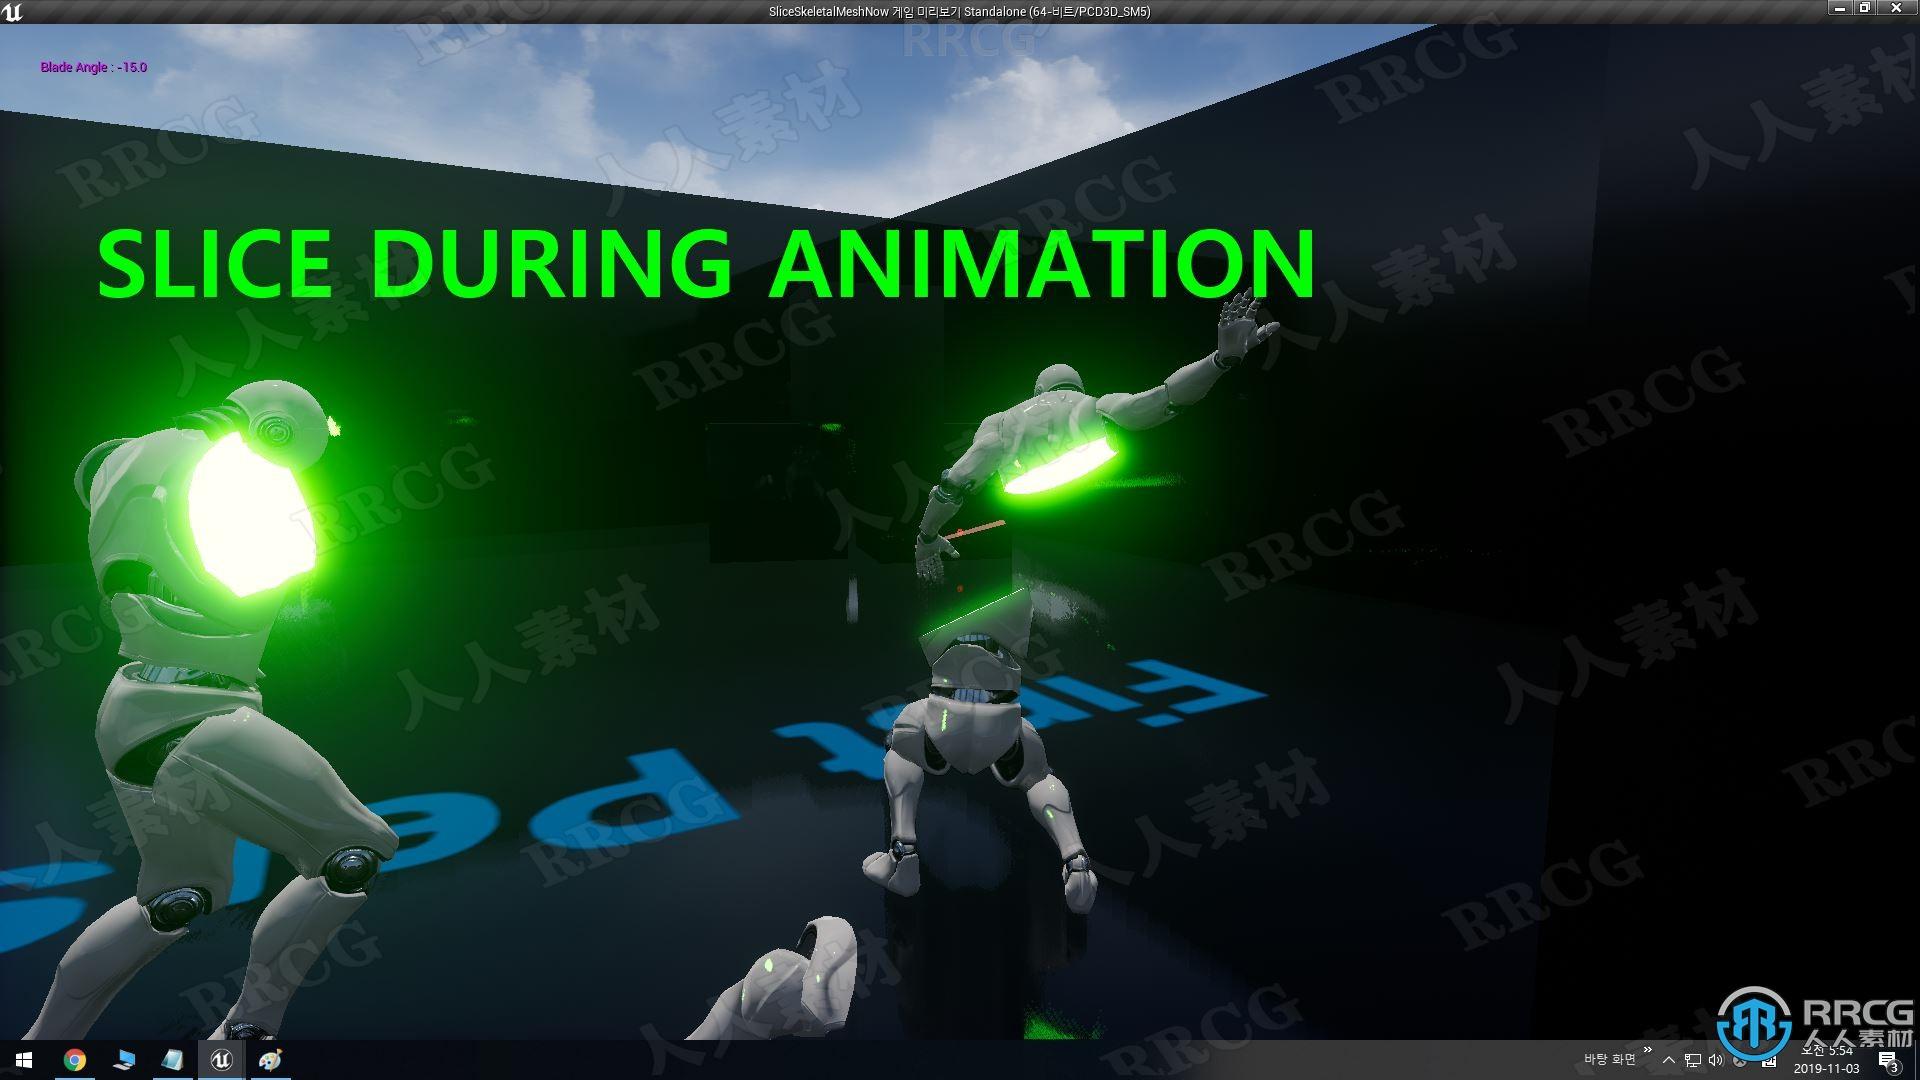 100%蓝图切片骨架网格Unreal Engine游戏素材资源